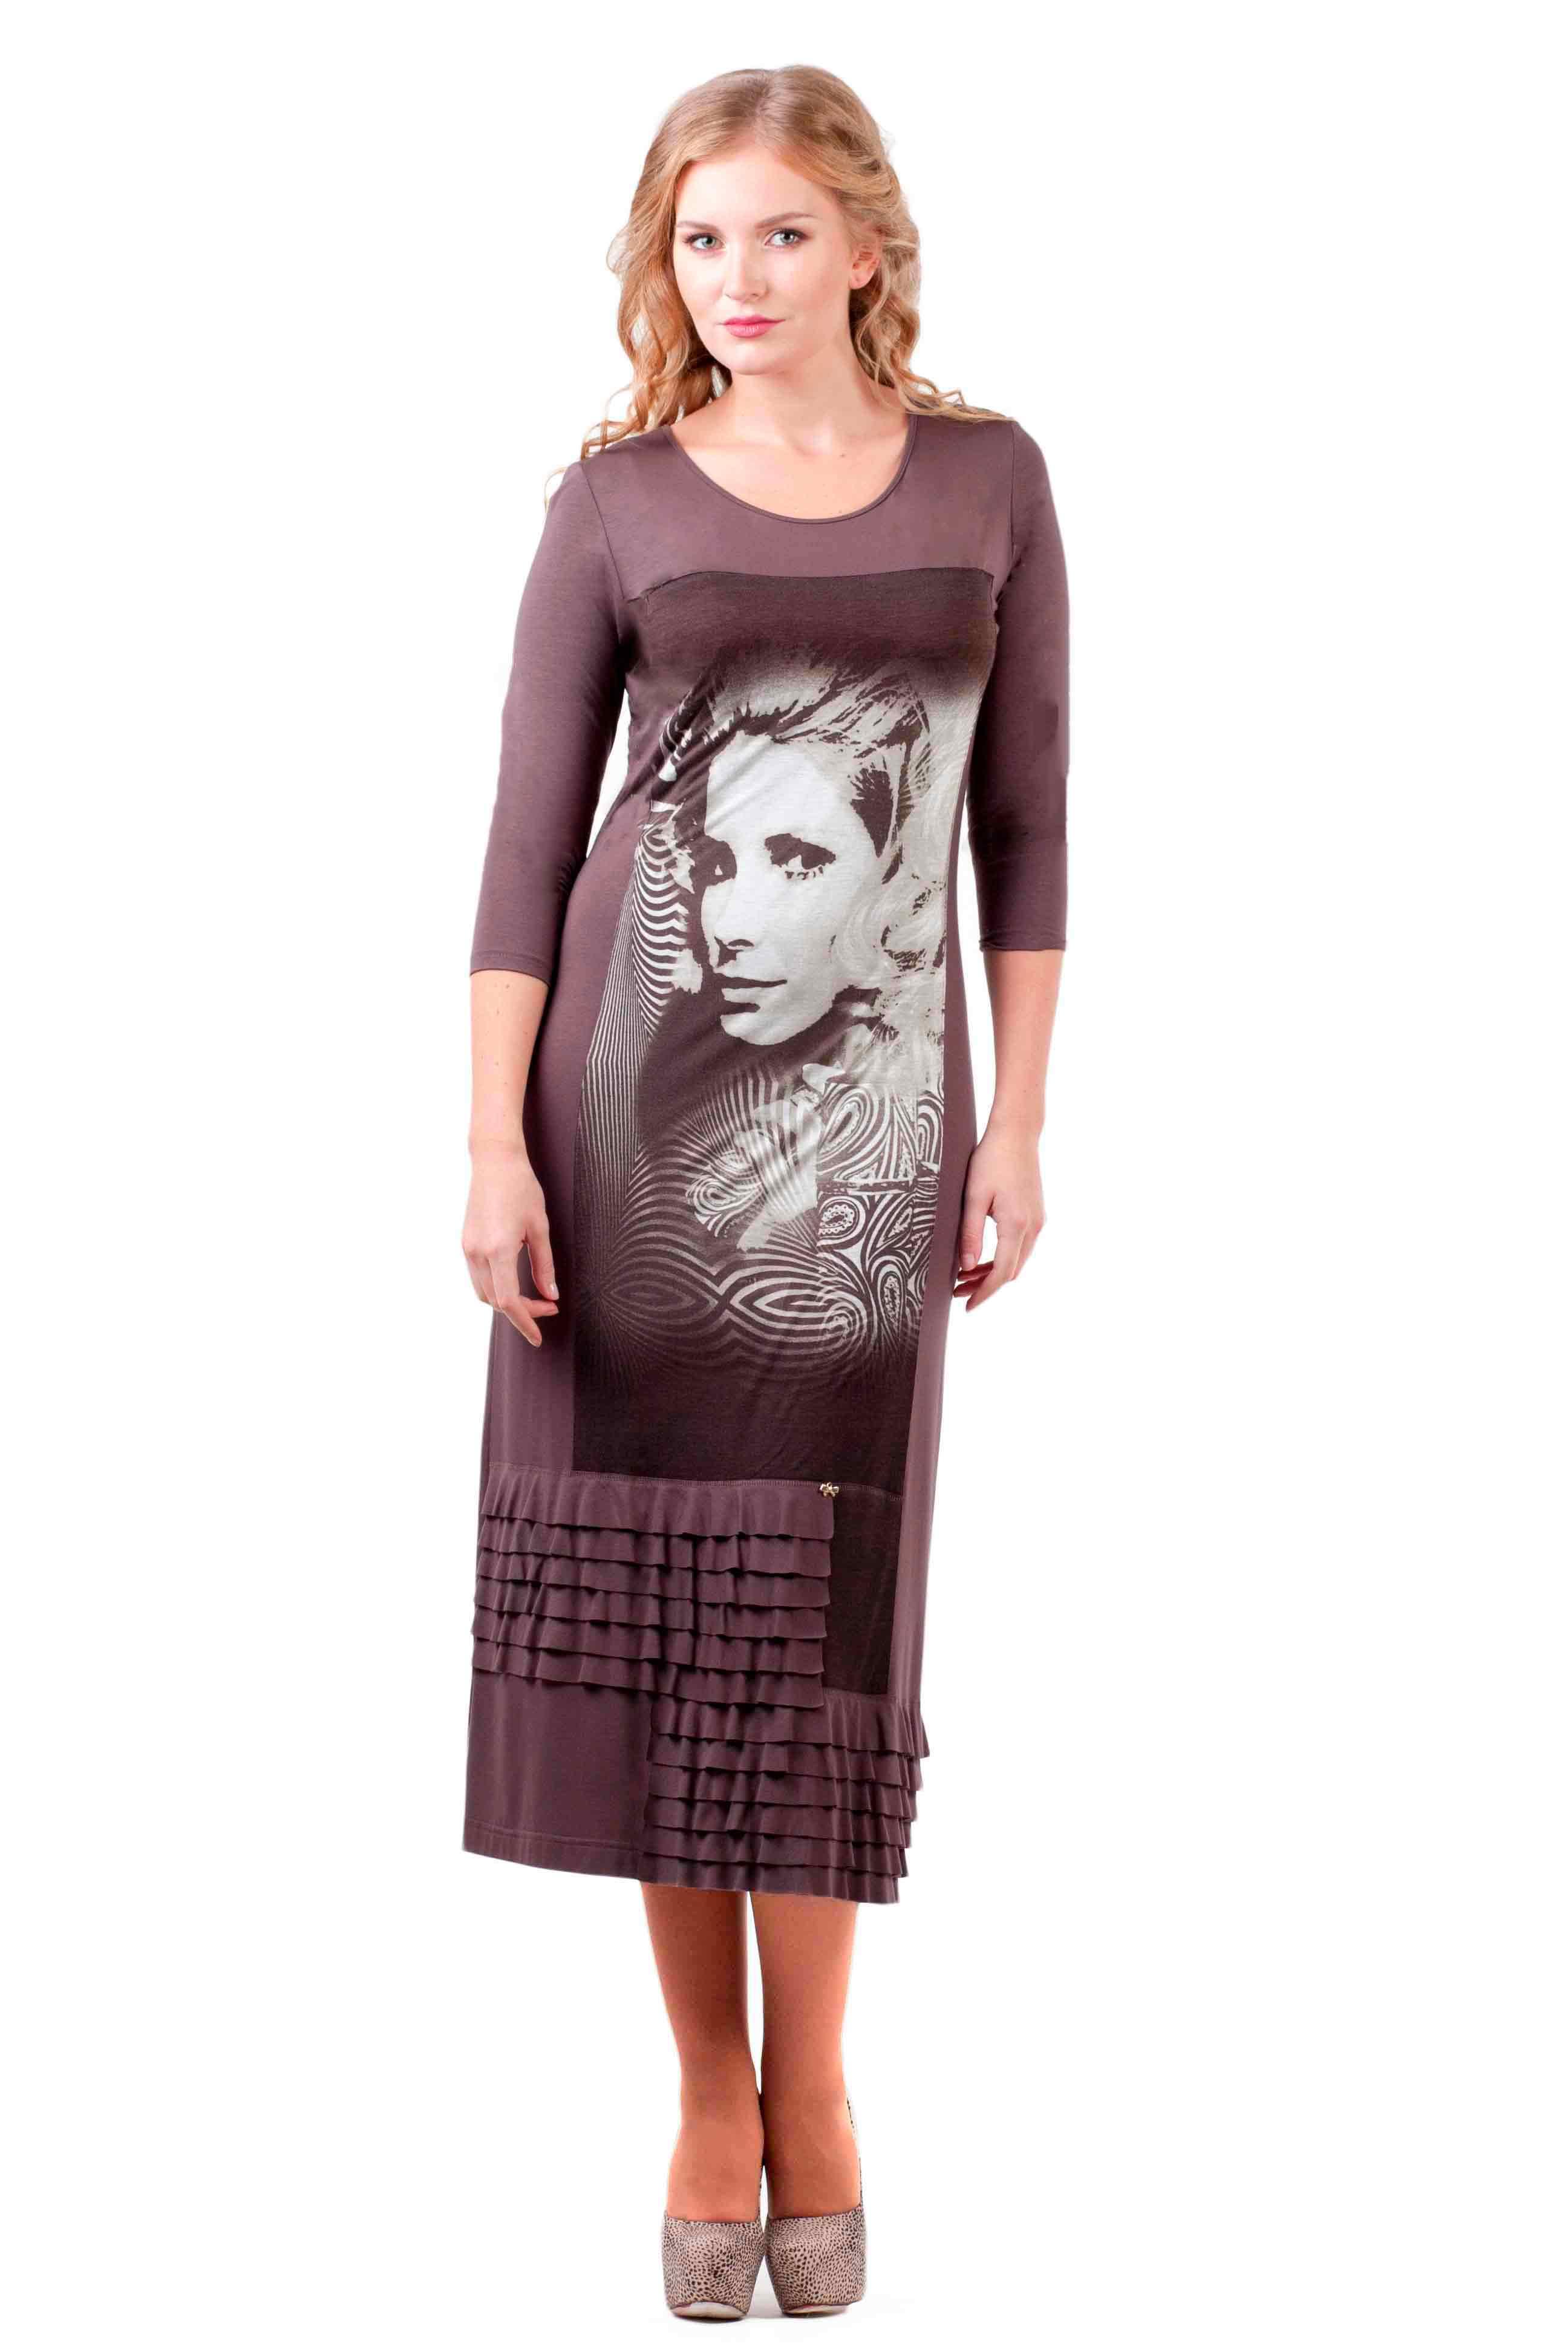 Купить платья недорого в Санкт-Петербурге